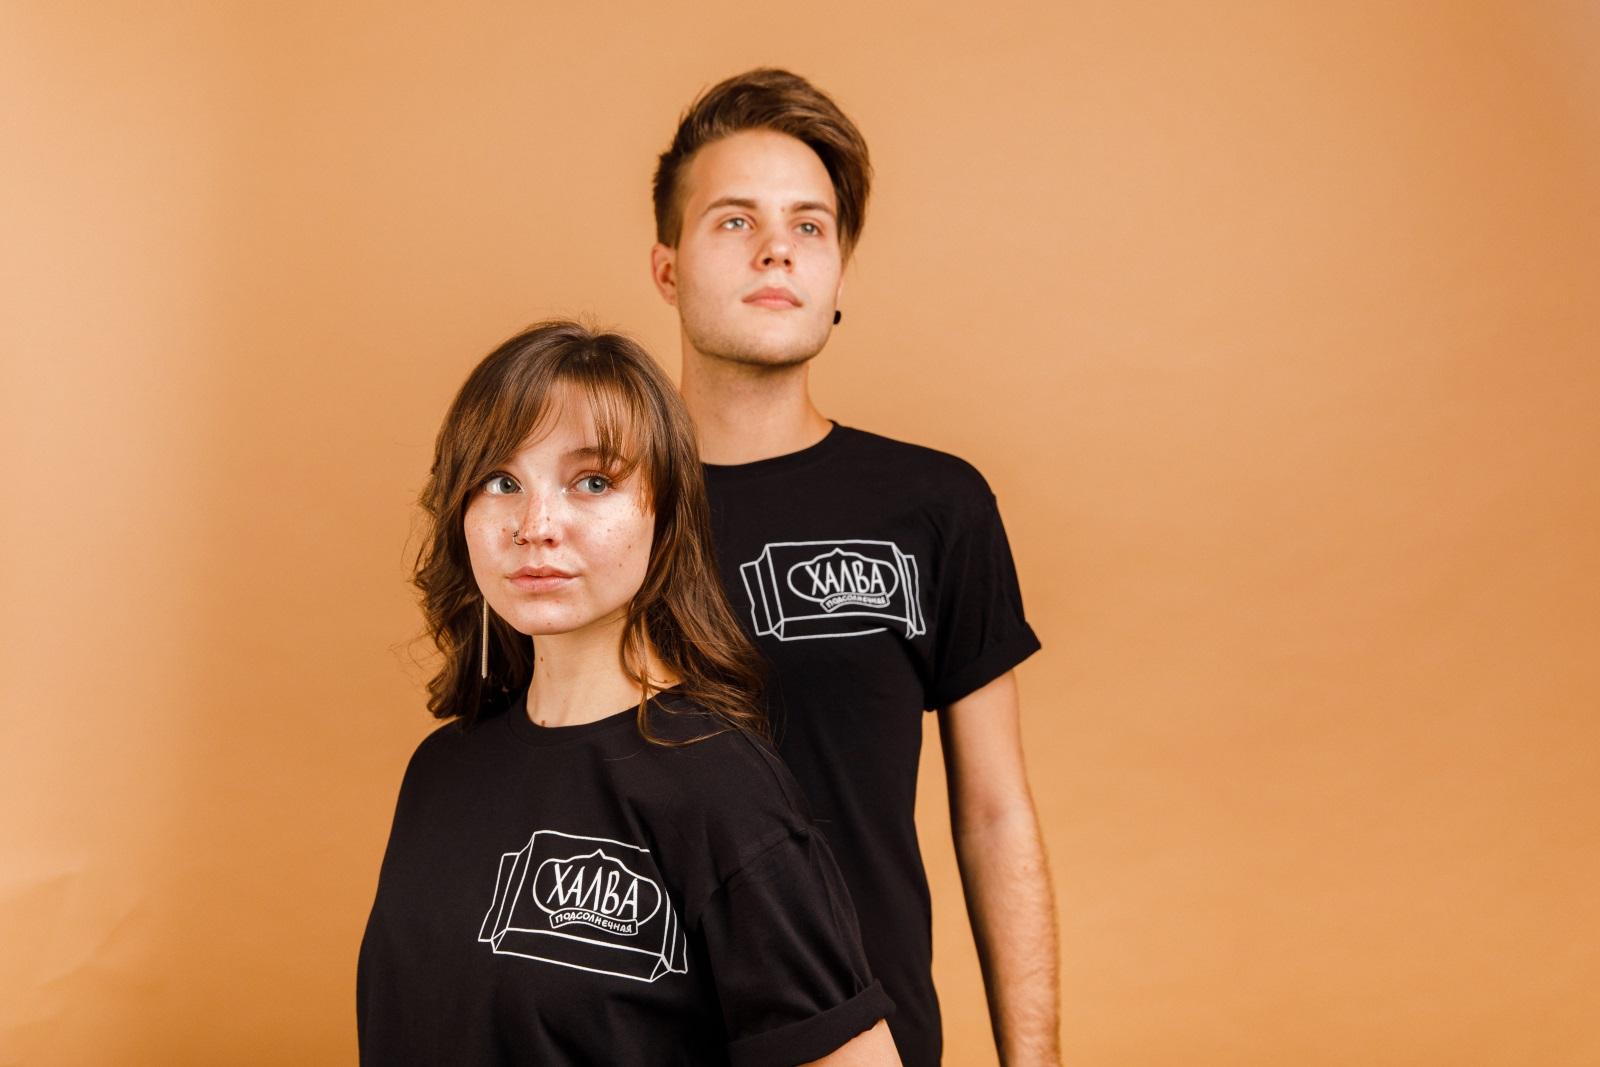 Черная футболка нищее веган выживание, купить в интернет-магазине | vegansurvive.com